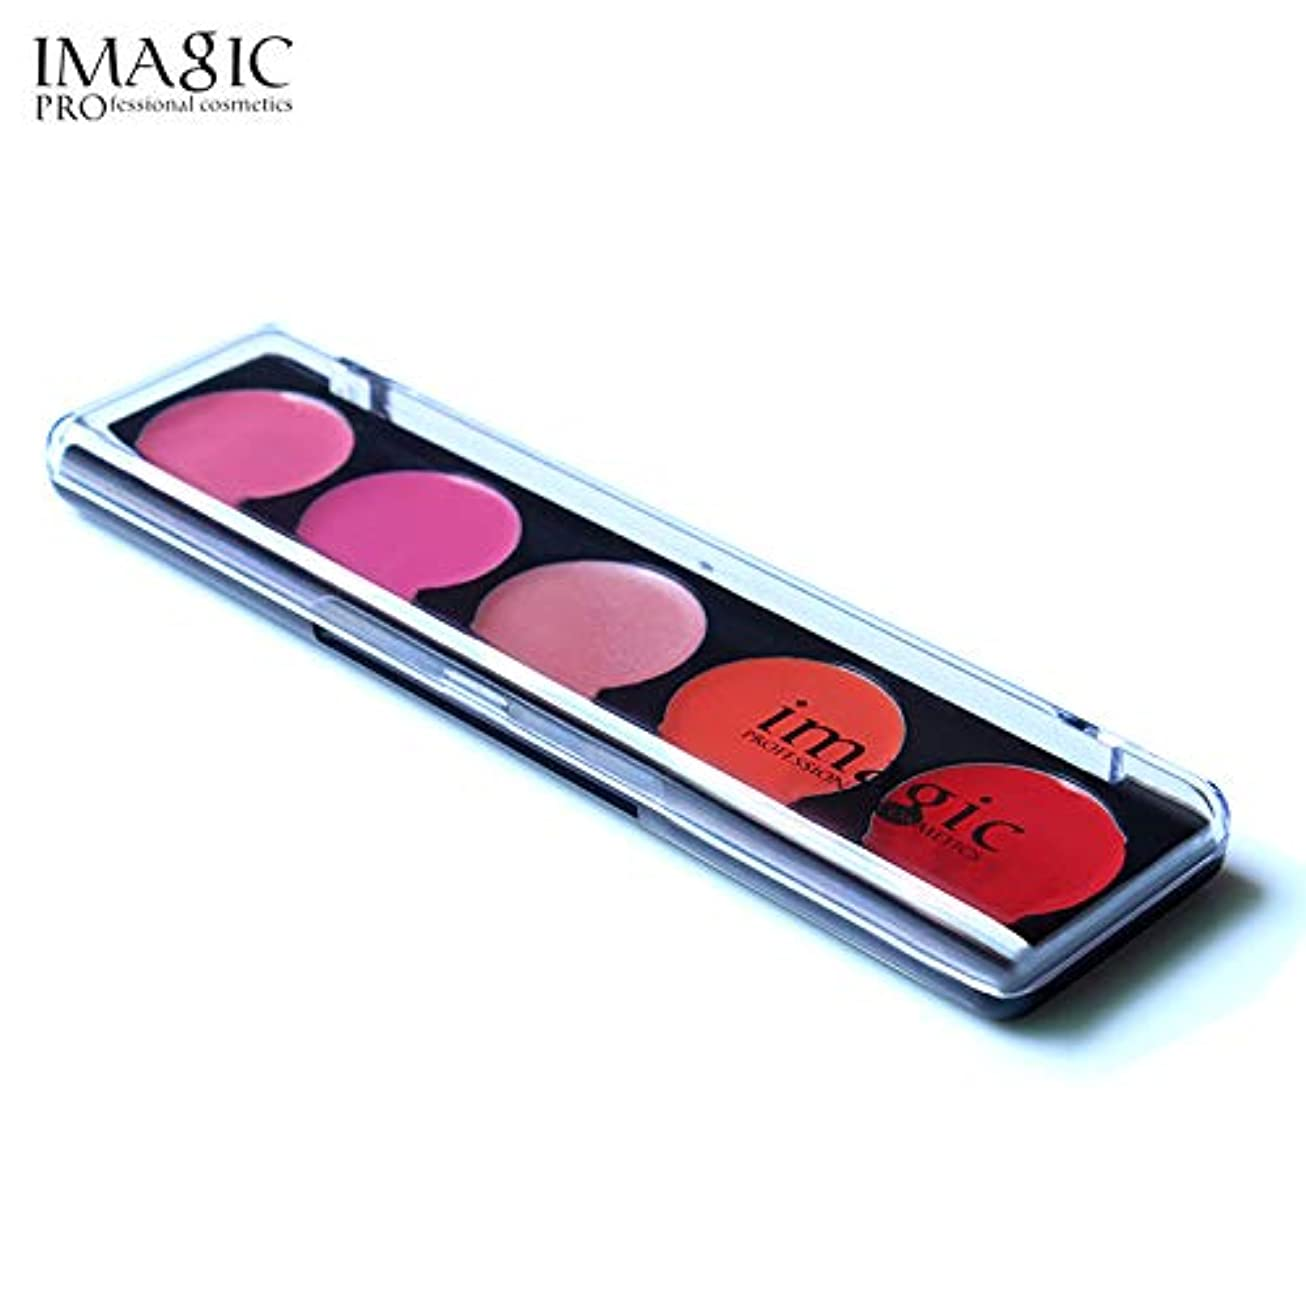 意識床を掃除する広範囲に注12ピース/ロットイメージリップスティックモイスチャライザー唇滑らかなリップスティック長続きがする魅力的なリップリップスティック化粧品美容メイクセクシーカラー